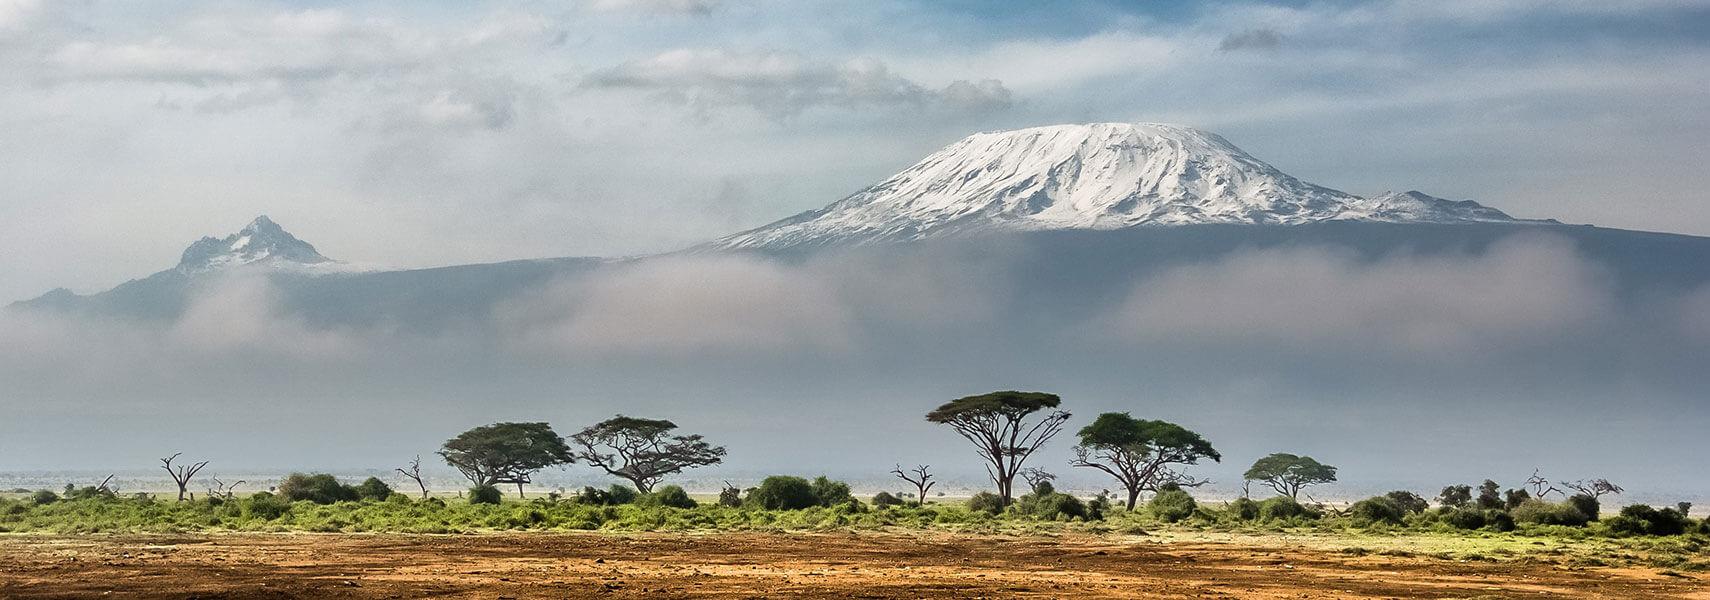 Kenya Virtual Tour